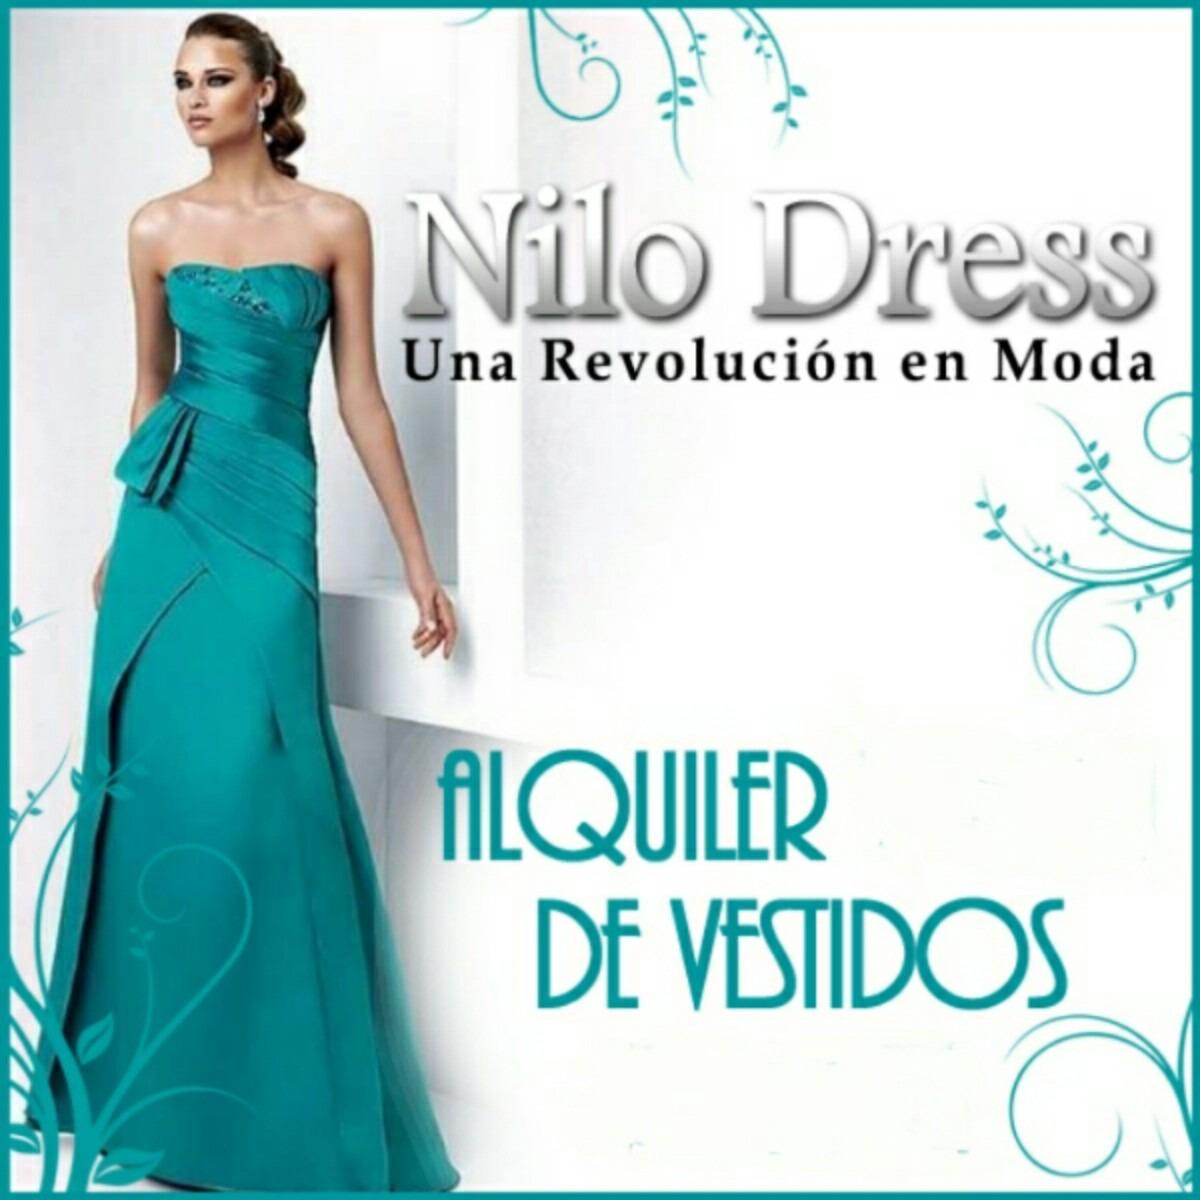 Alquilar vestidos de fiesta en valencia